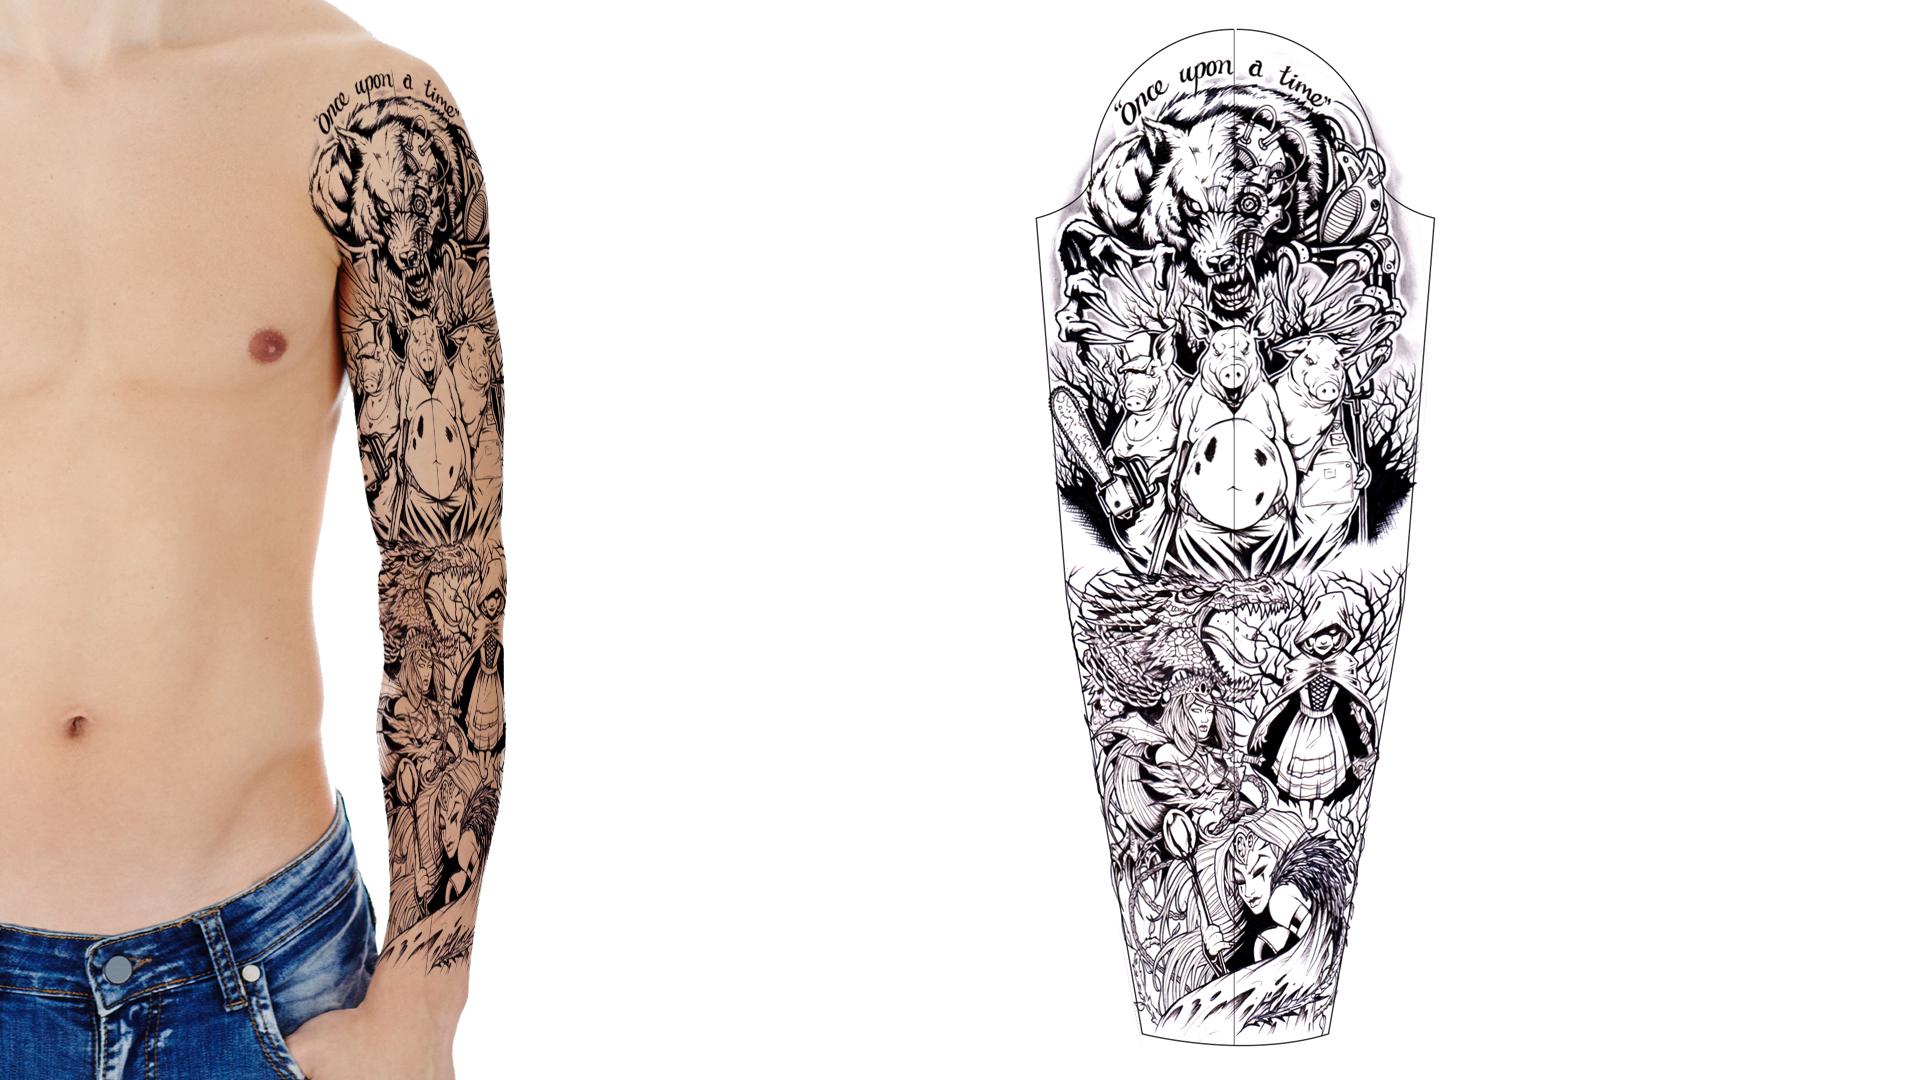 custom tattoo sleeve designs. Black Bedroom Furniture Sets. Home Design Ideas